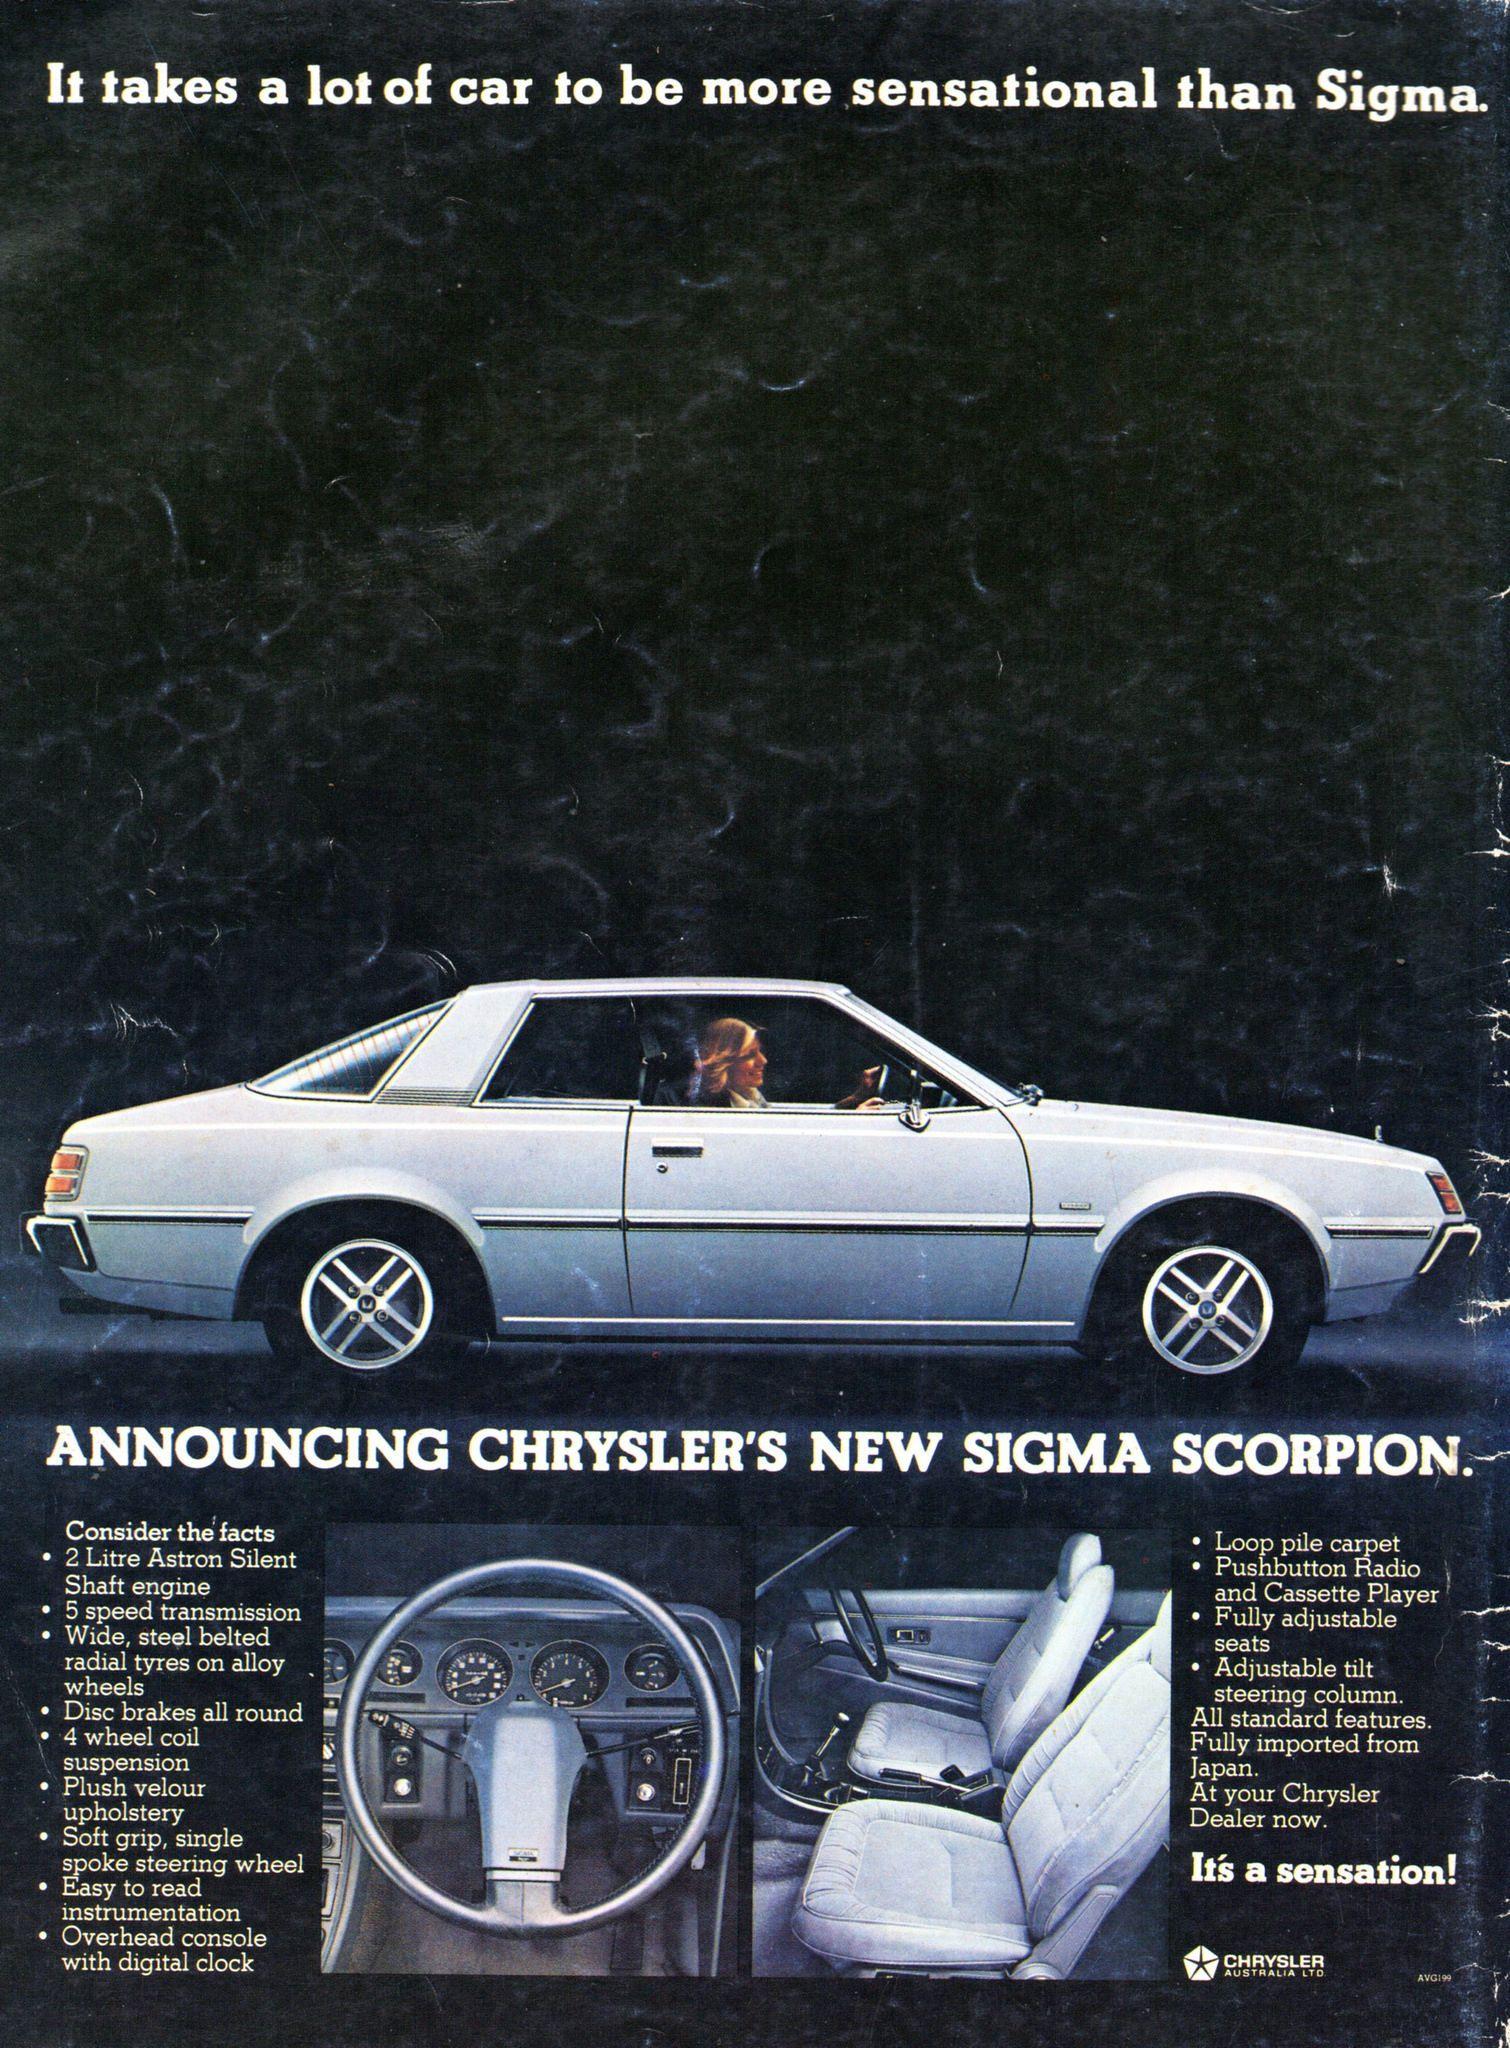 1978 GH Chrysler Mitsubishi Scorpion 2 Door Aussie Original Magazine